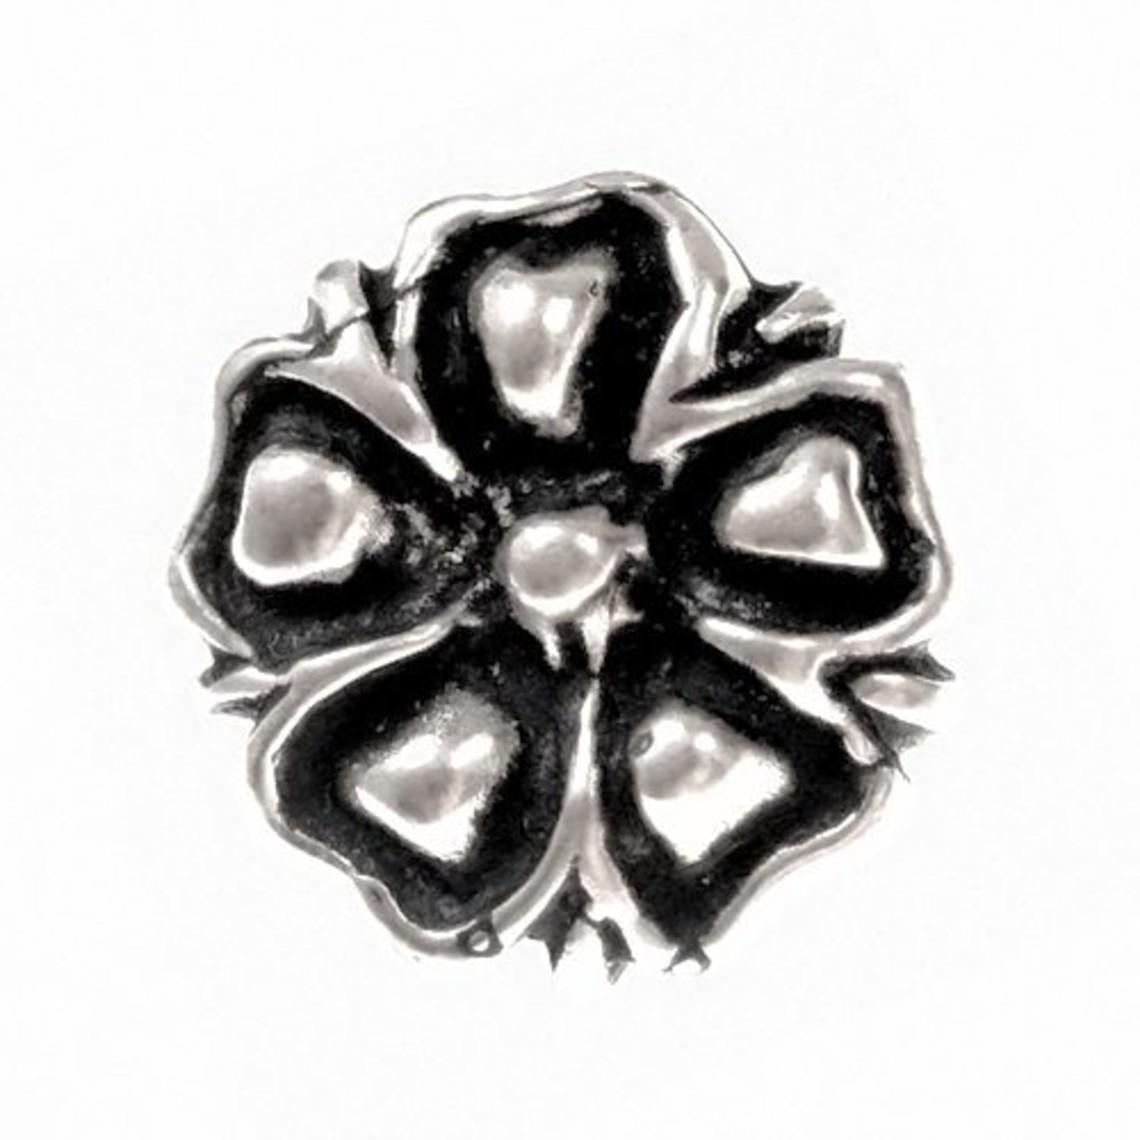 boutons du 14ème siècle fleur, ensemble de 5 pièces, étain